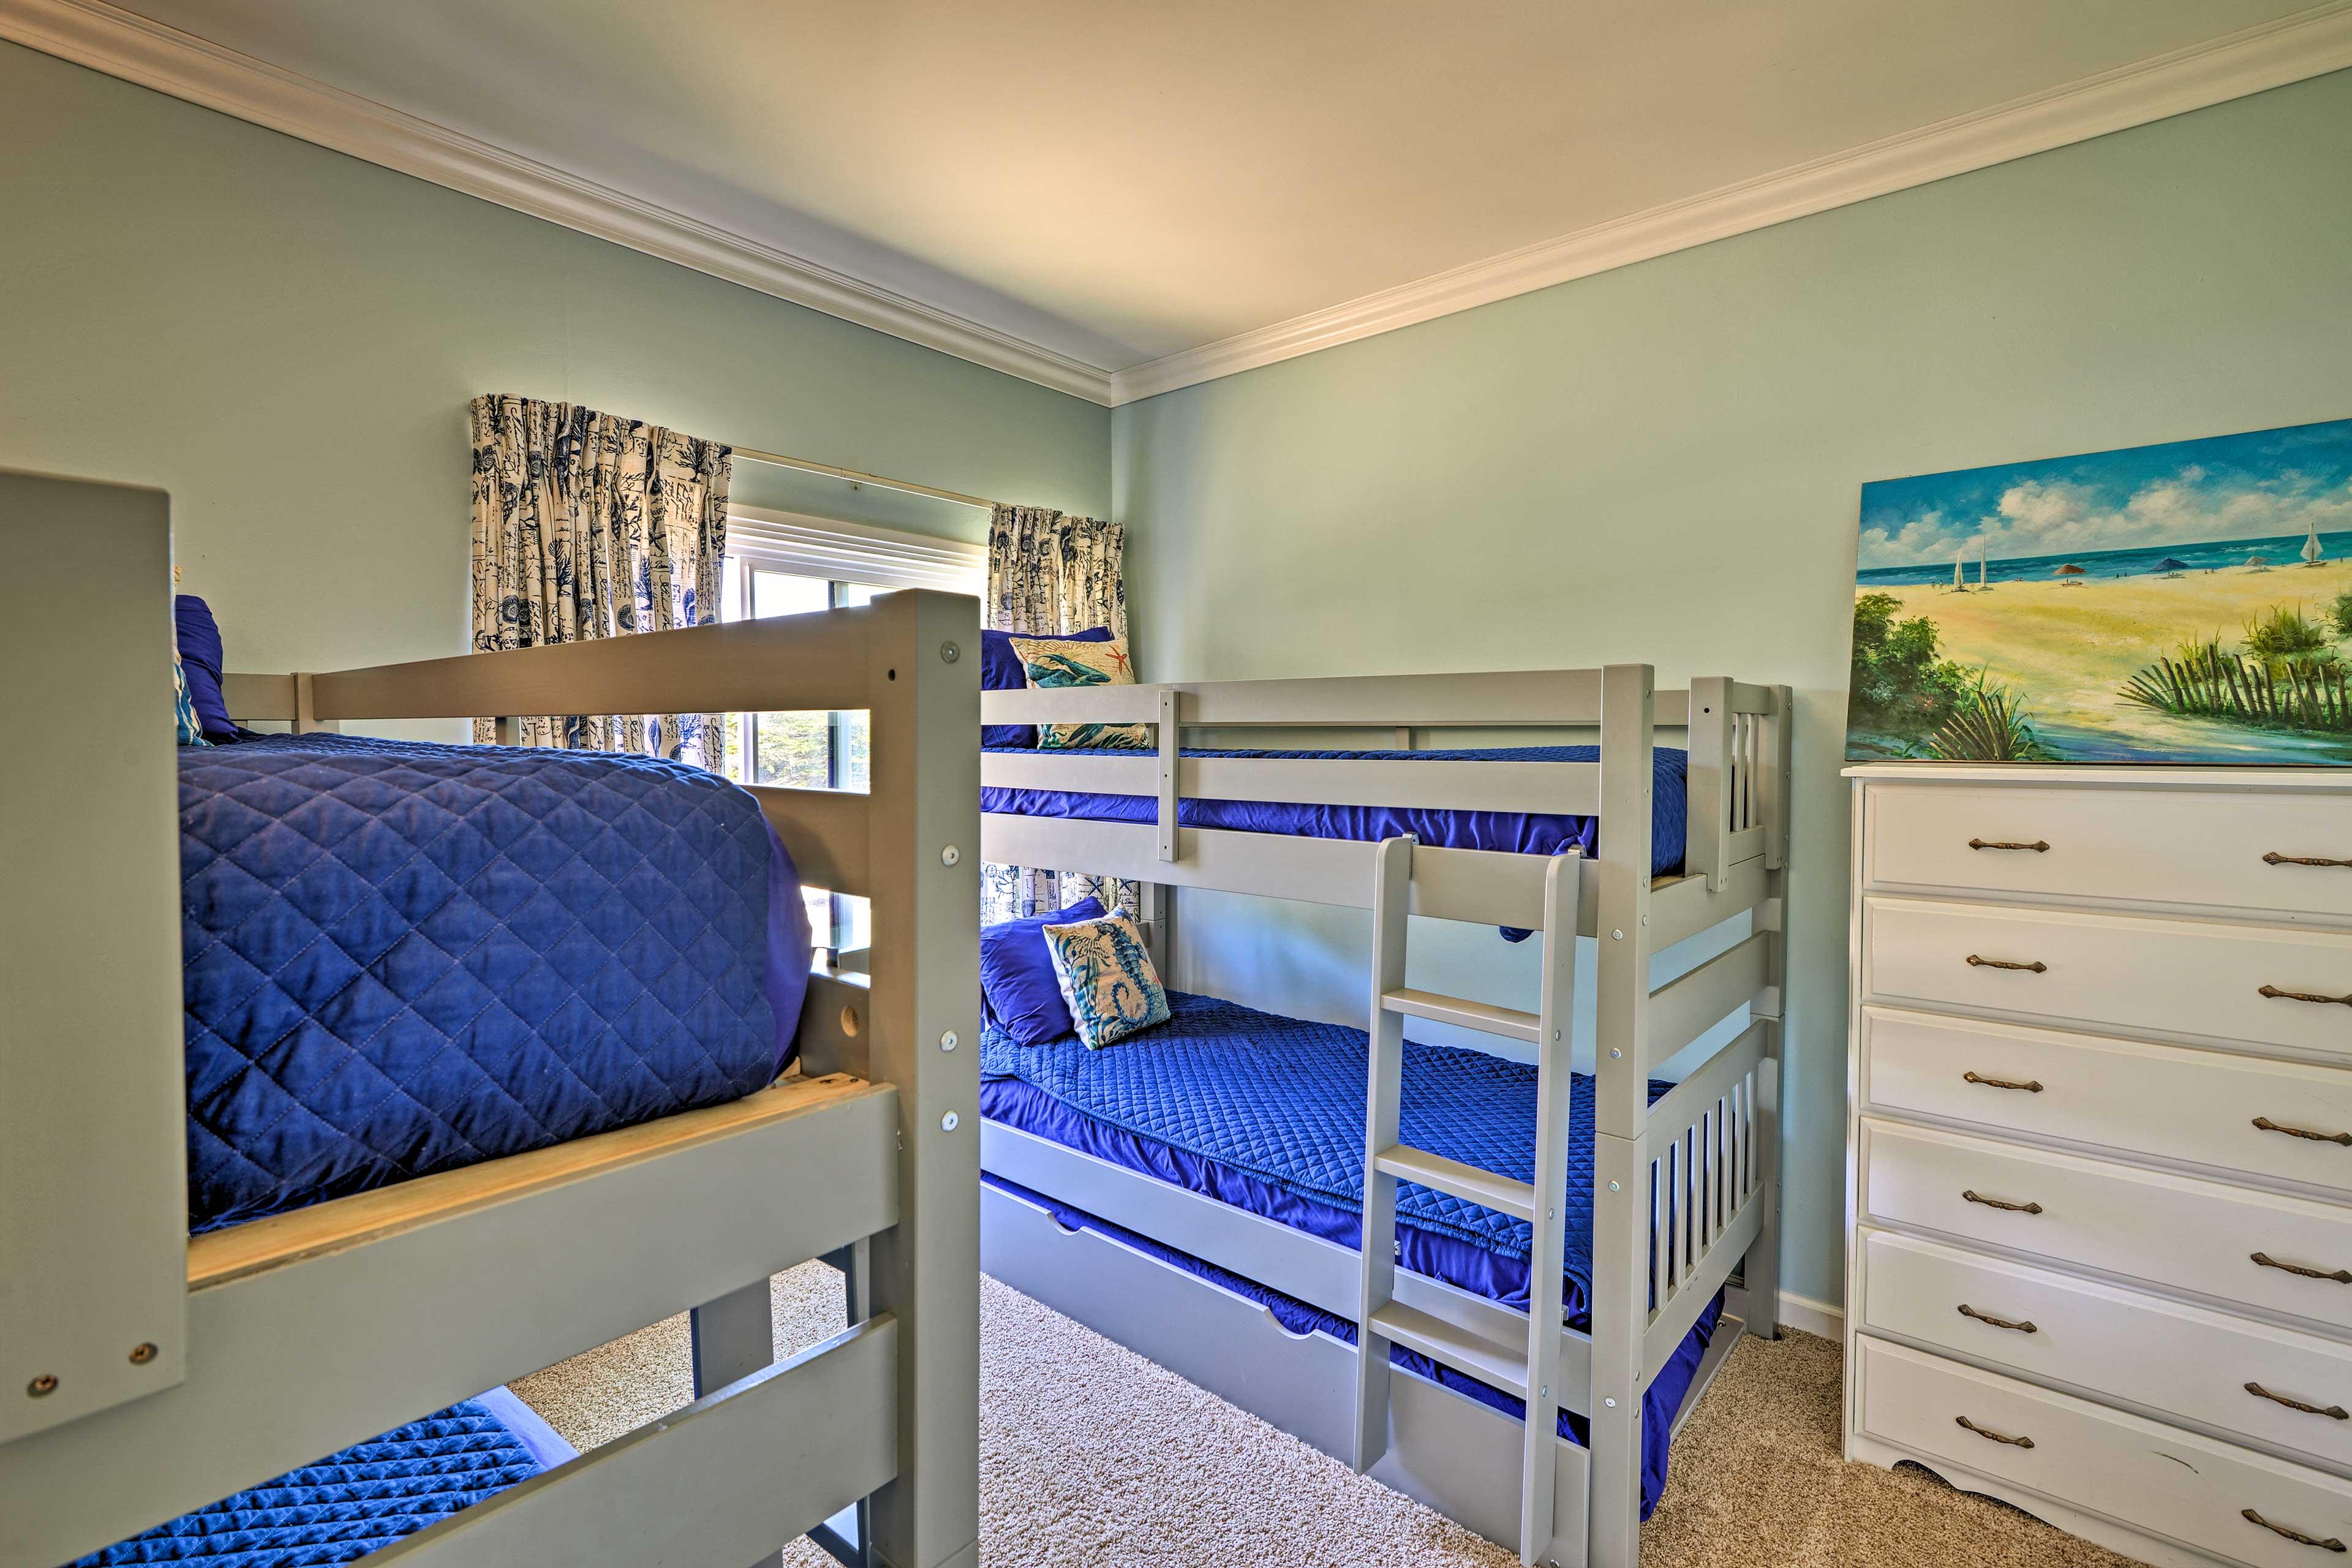 Bedroom 2 | 2 Twin Bunk Beds